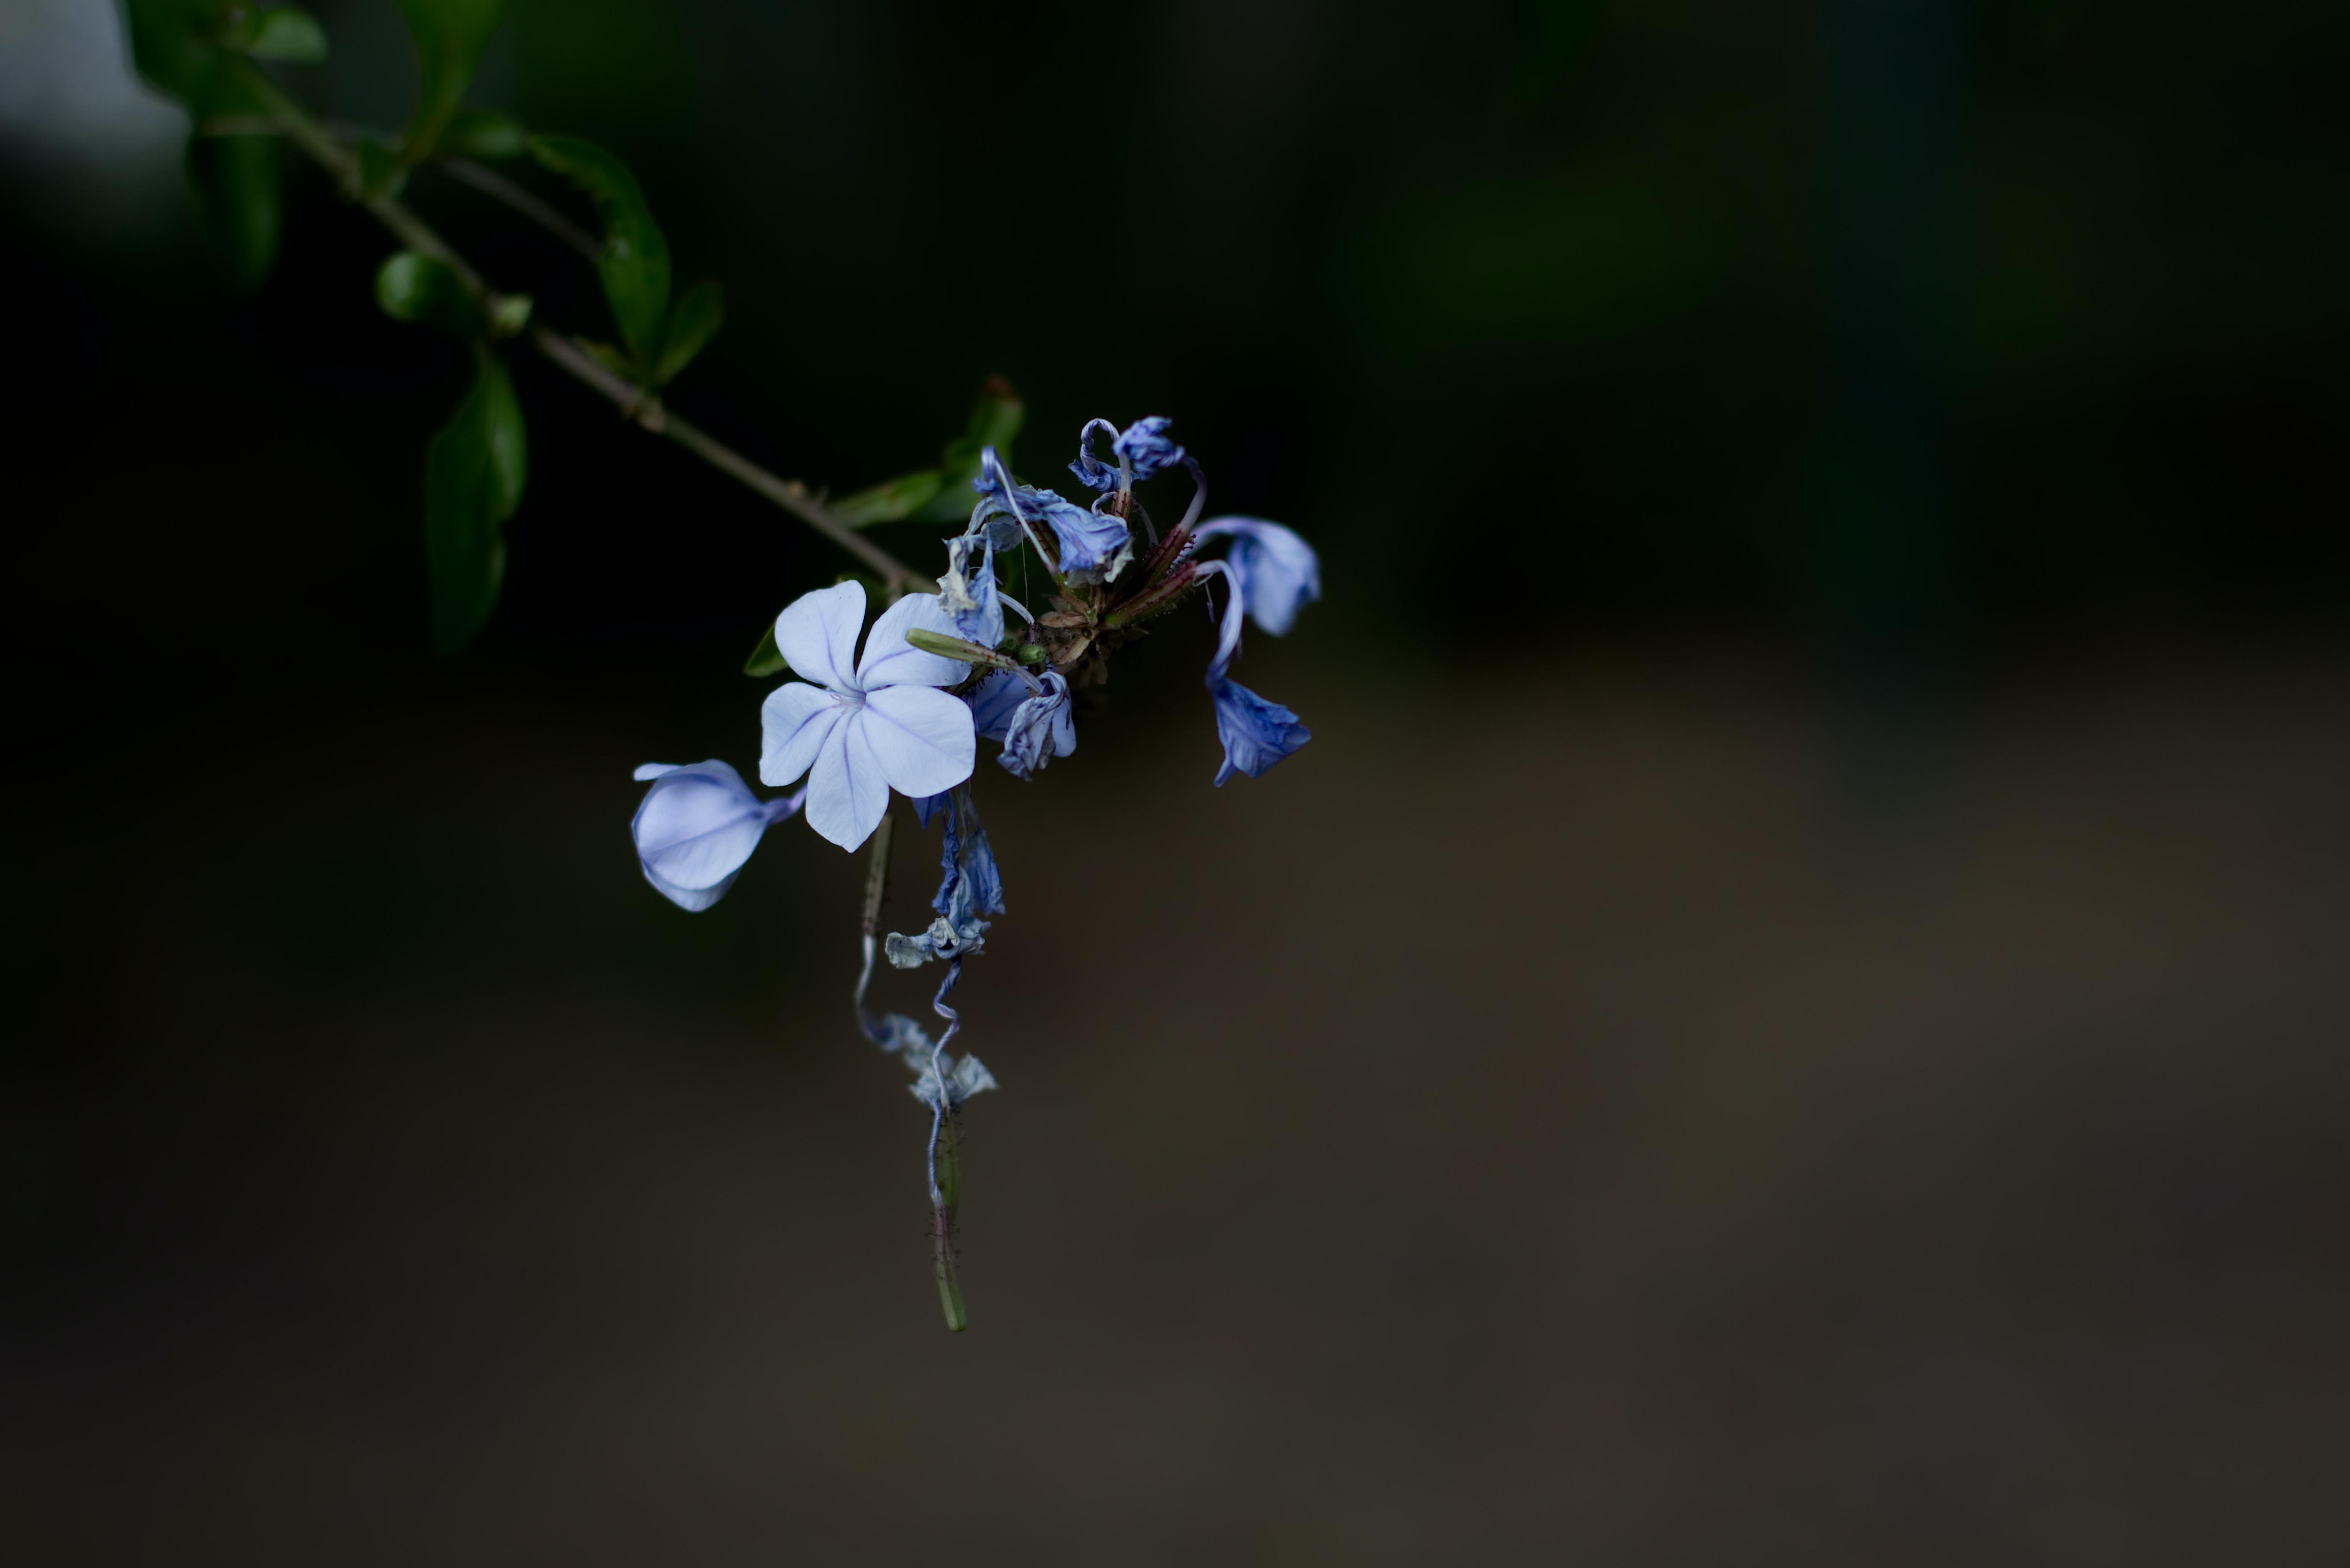 selective focus photograph of purple petaled flower plant